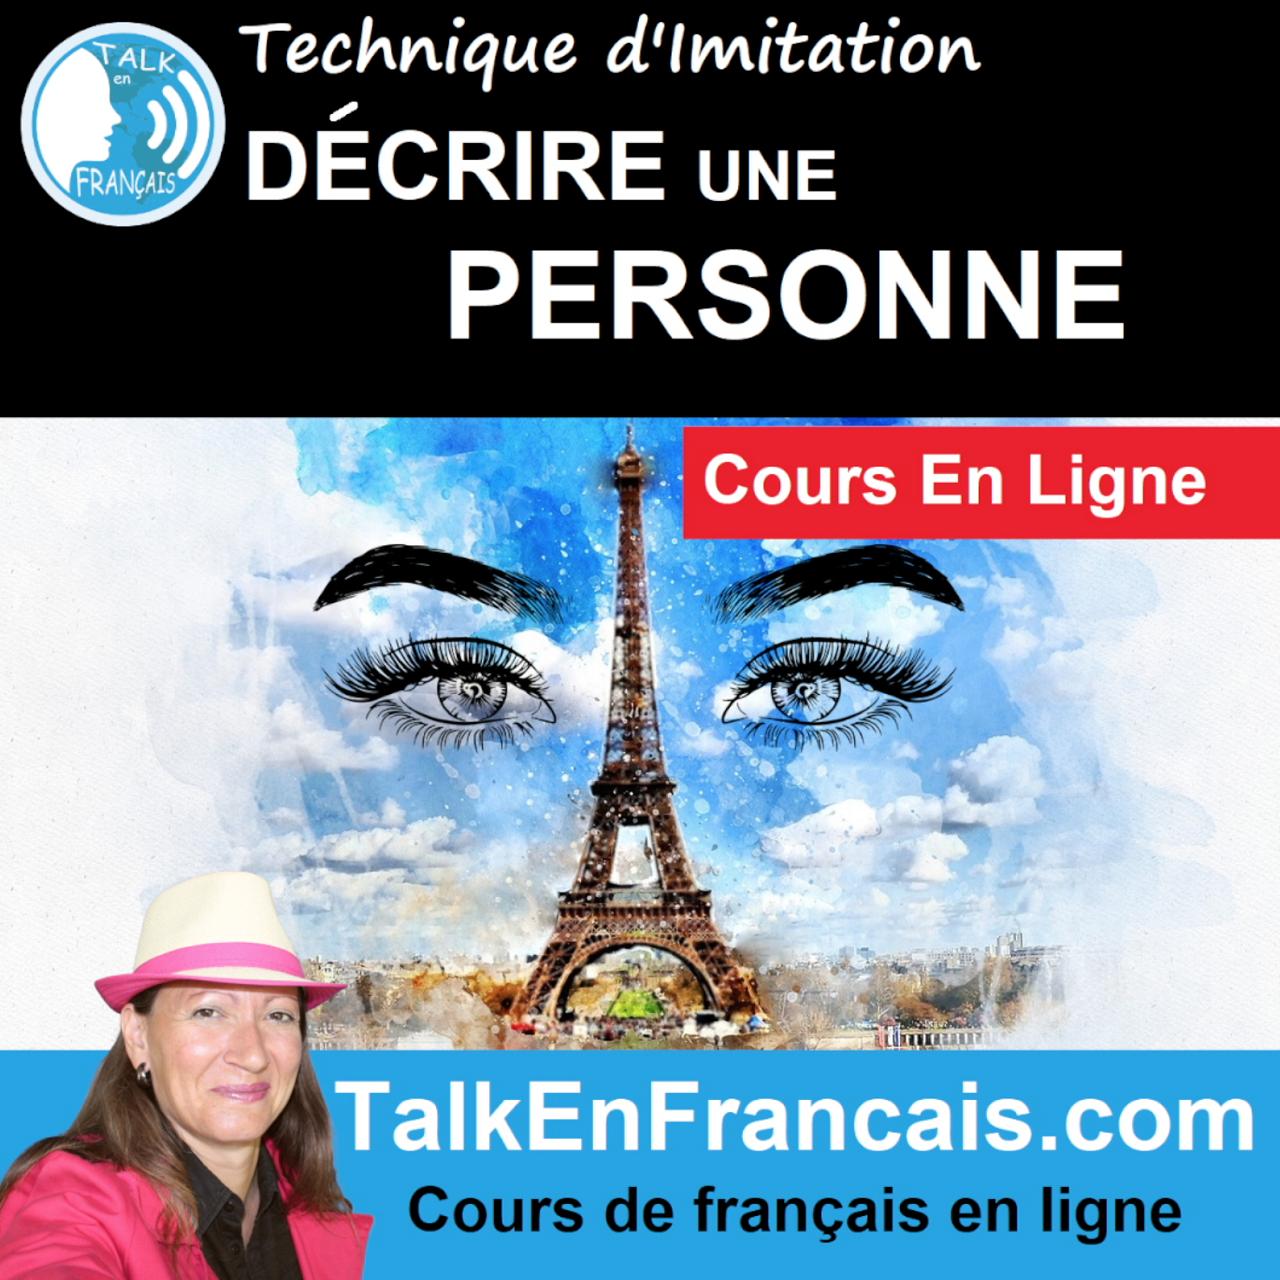 Cours en ligne Technique Imitation Decrire une personne - Talk En Français